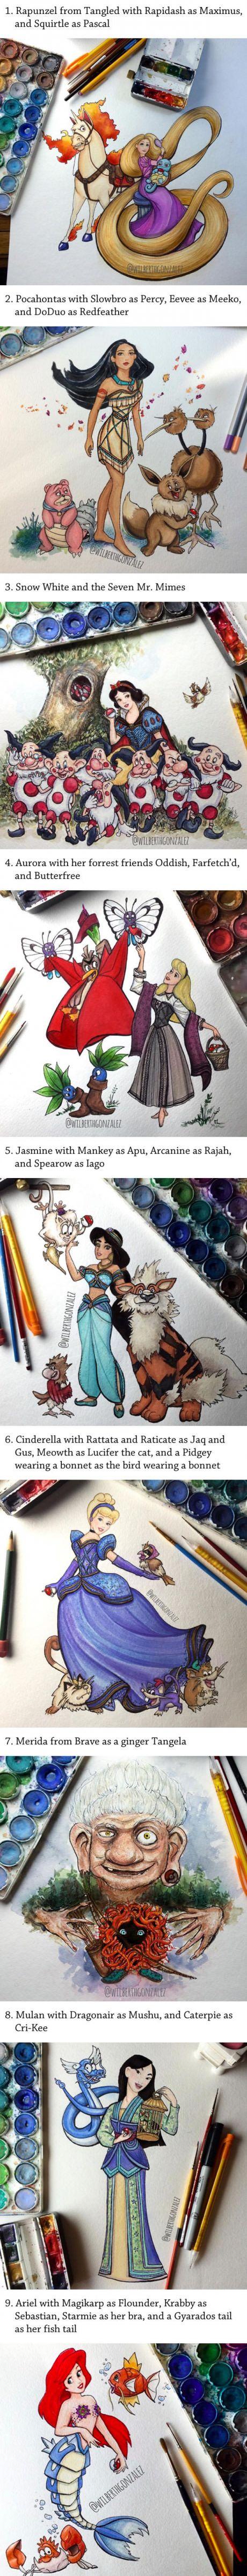 Artist Draws The Disney Princess Sidekicks As Pokémon. They Fit So Well! (Wilberth R. Gonzalez)